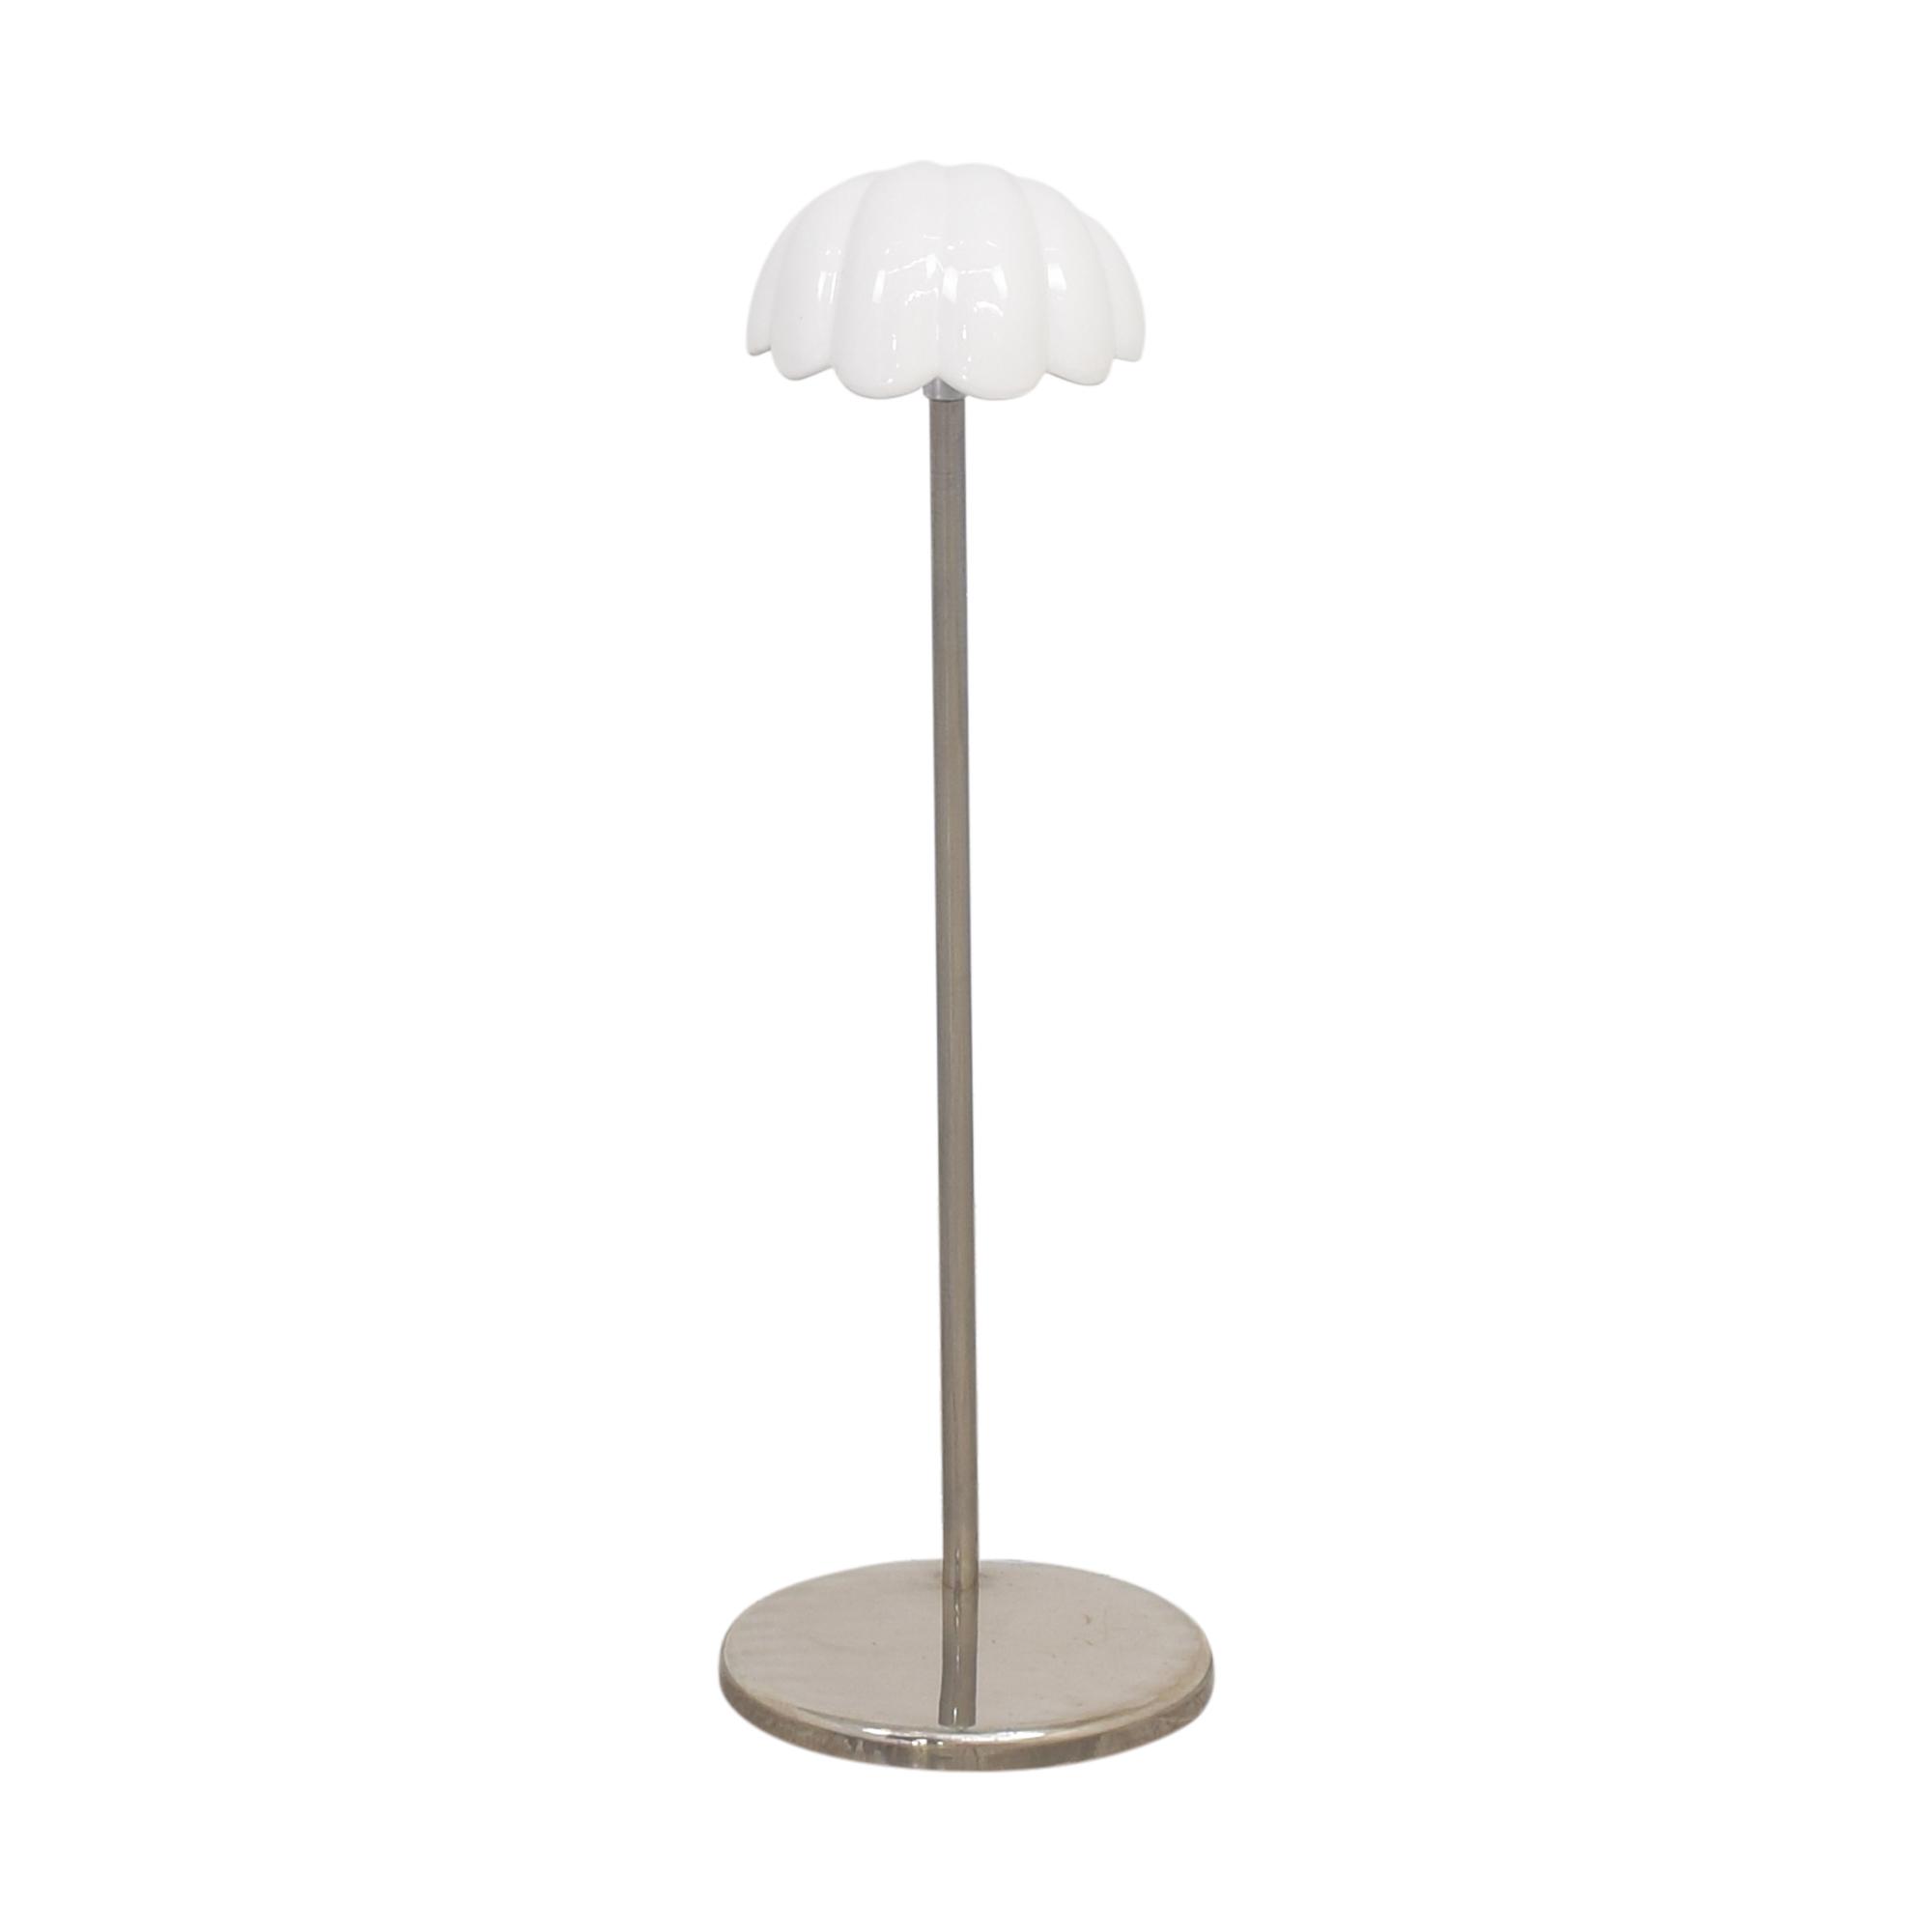 Vintage Style Adjustable Floor Lamp ma